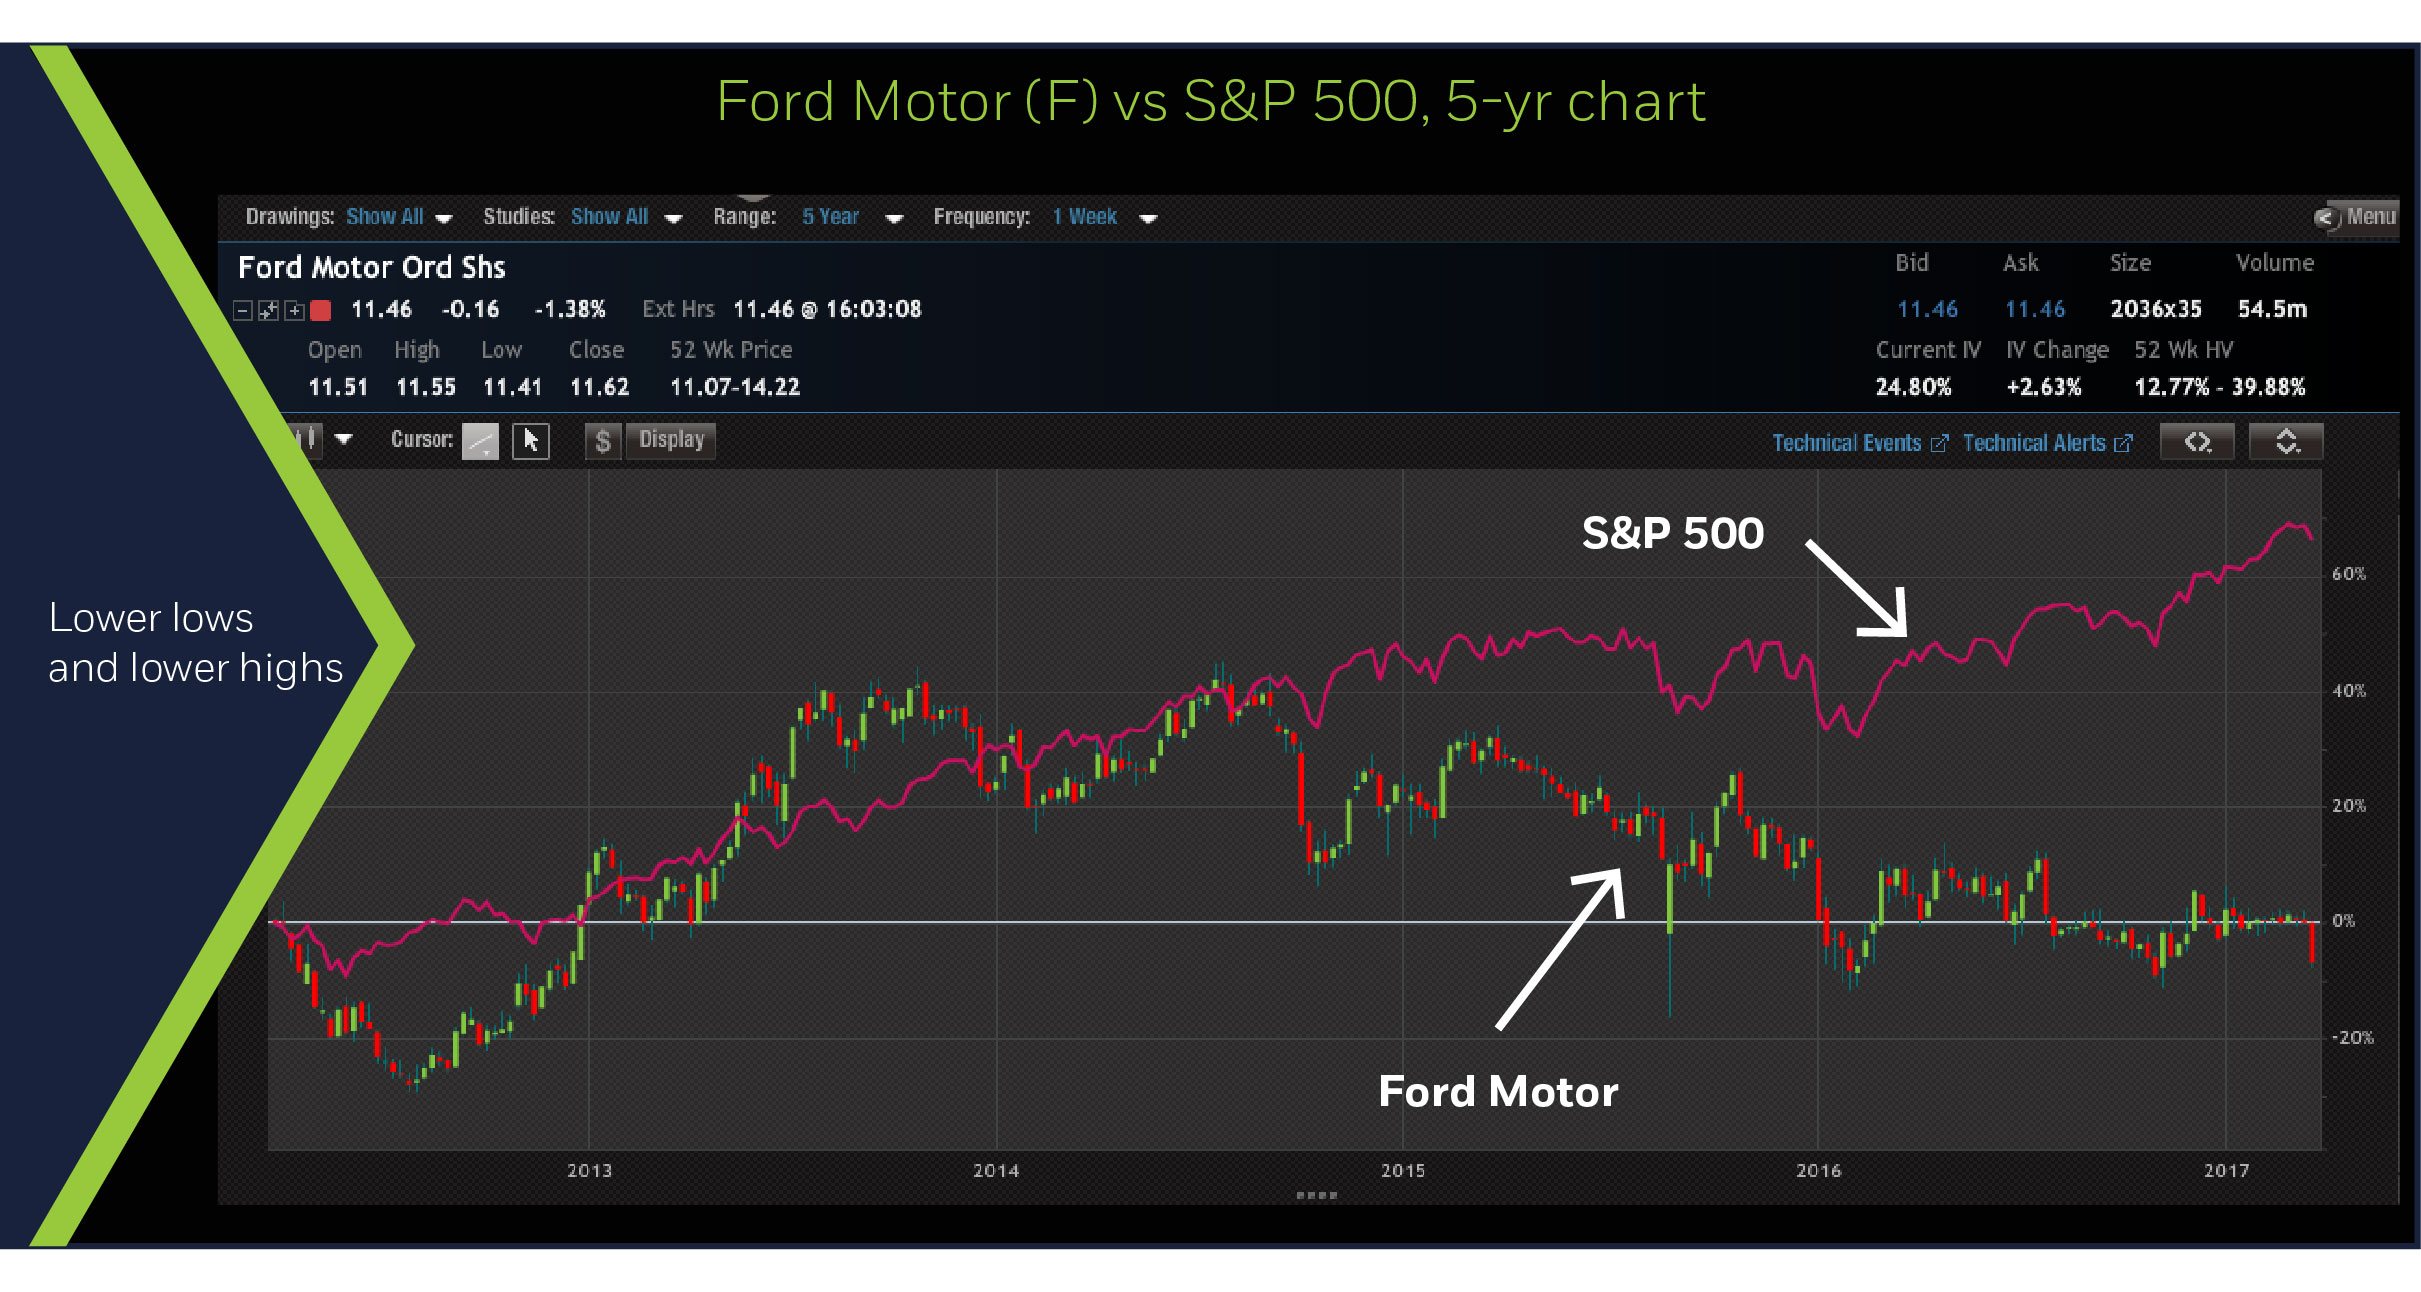 F & S&P 500, 5-yr chart